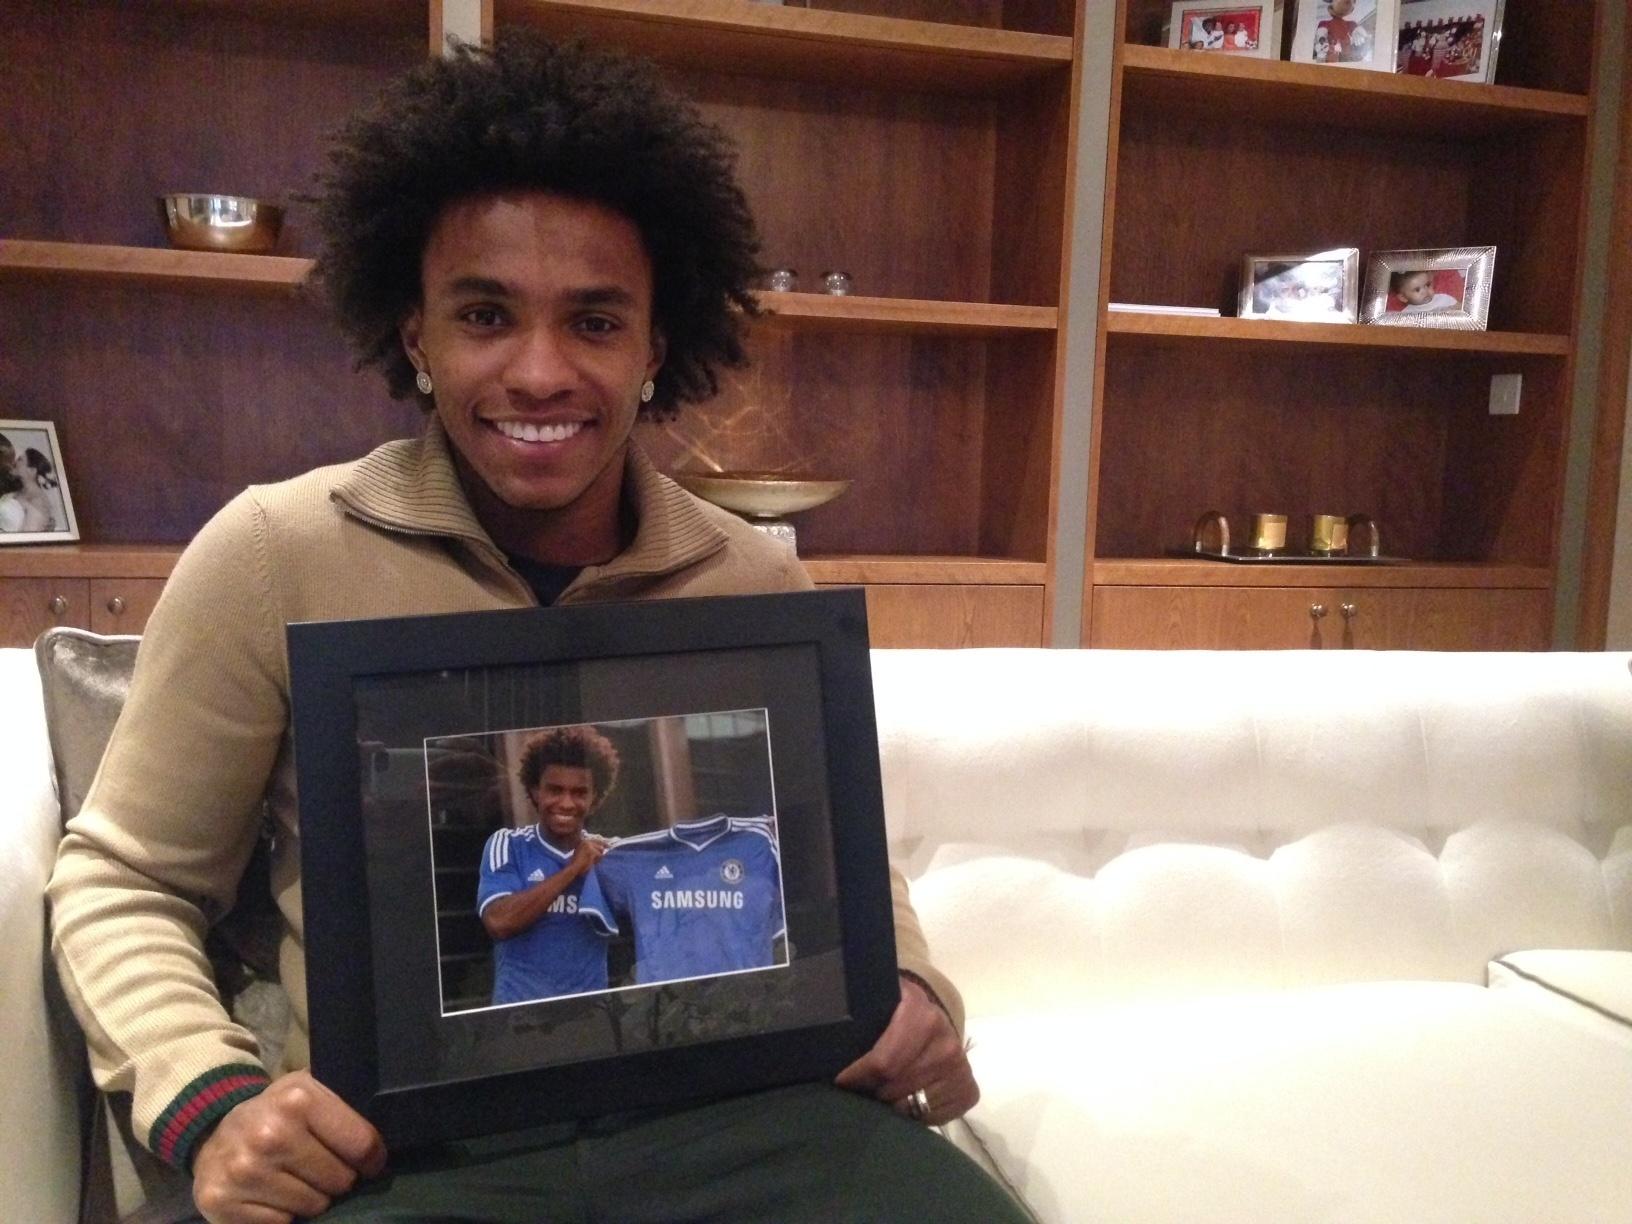 27.jan.2015 - Willian, meio-campista do Chelsea, posa na casa em que vive em Londres e comemora bom momento no clube